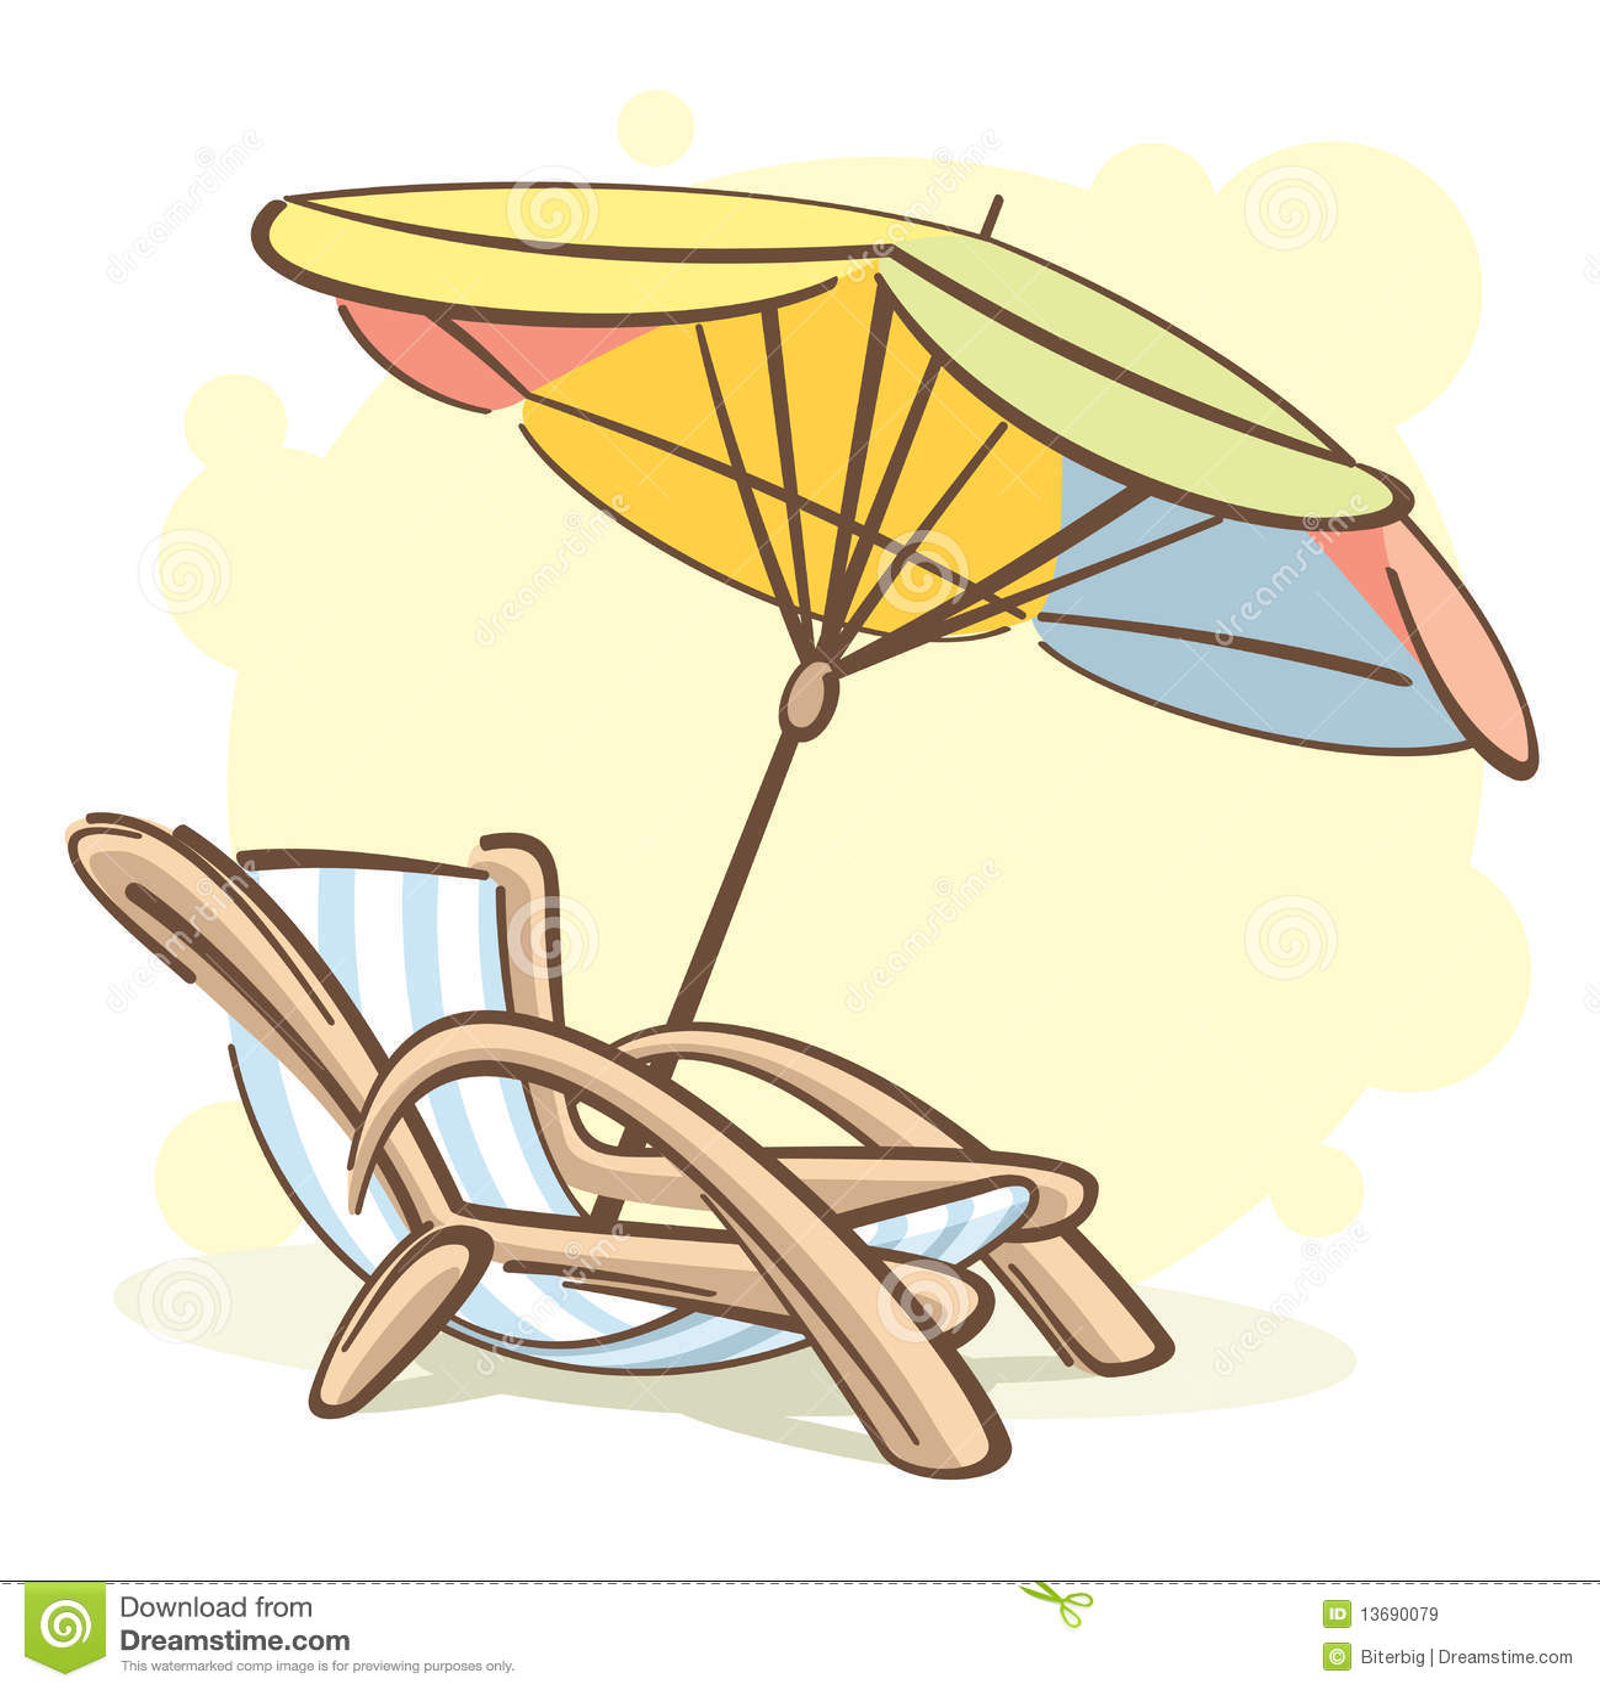 Chaise longue et parasol images libres de droits image 13690079 - Dessin parasol ...